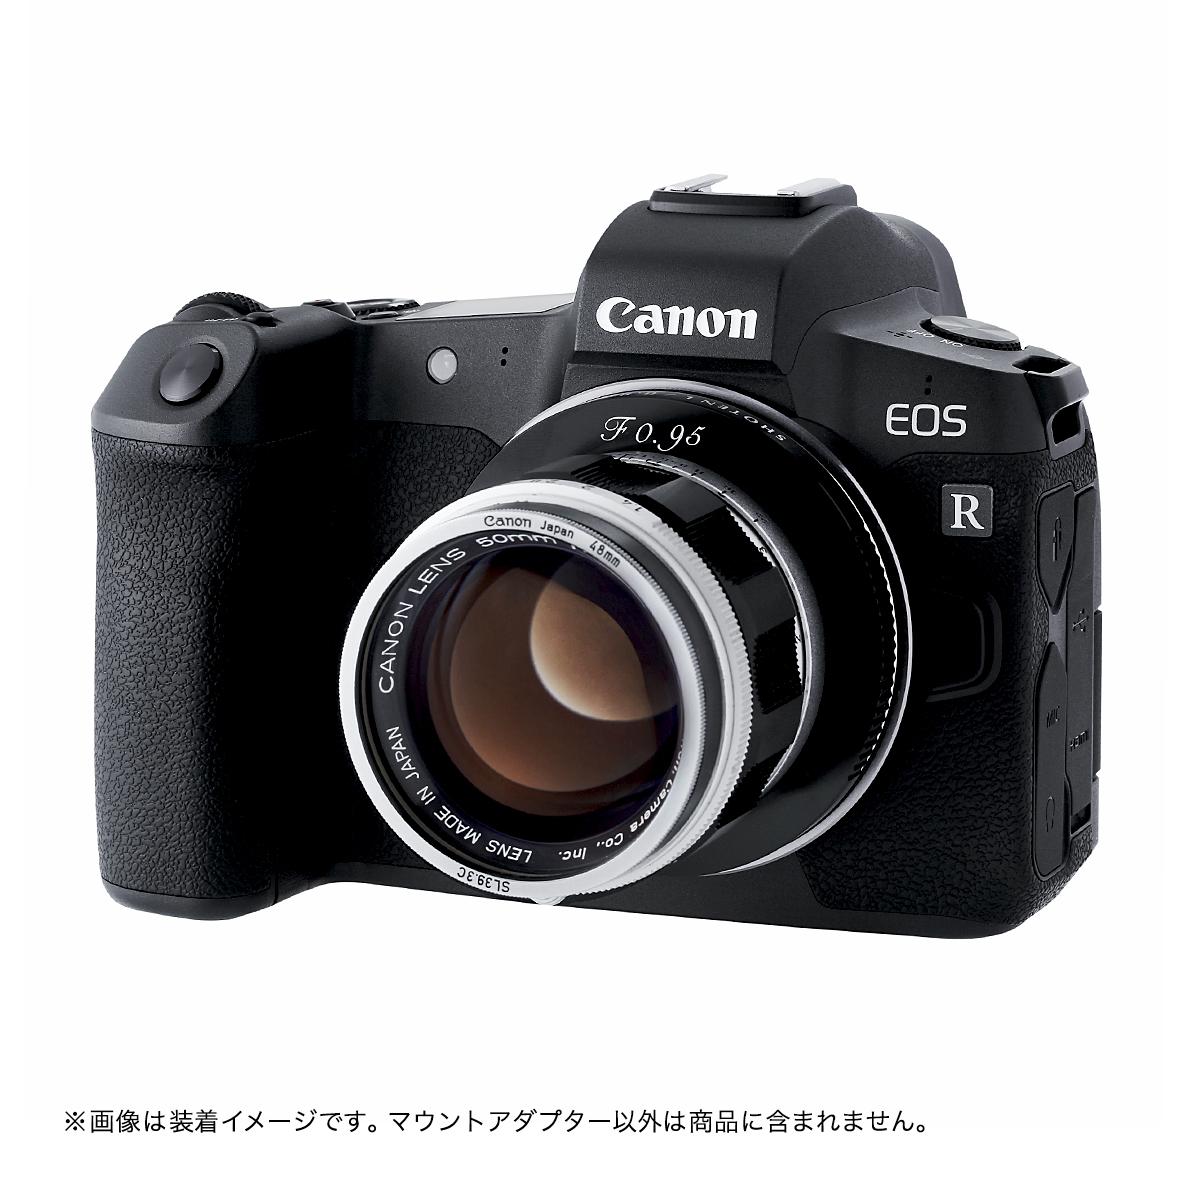 SHOTEN L095-CR (CANON 50mm F0.95 [バヨネット式] / L39マウントレンズ → キヤノンRFマウント変換) マウントアダプター